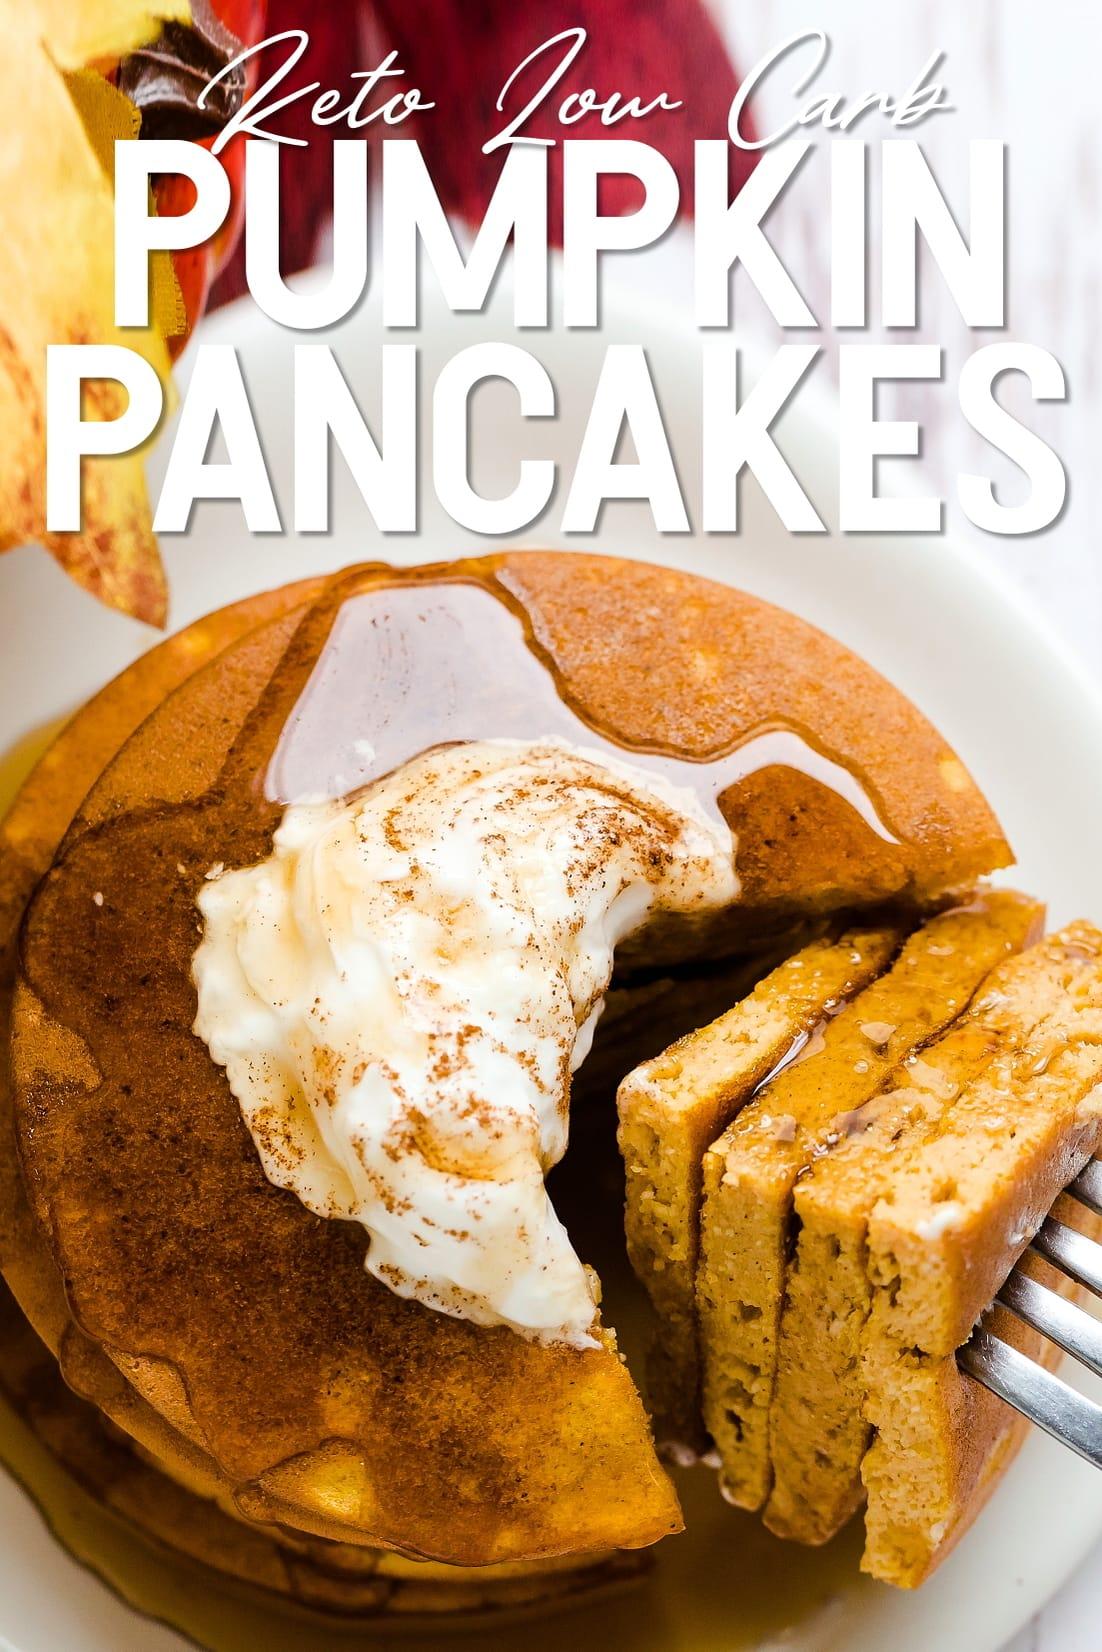 Pumpkin Pancake with a fork